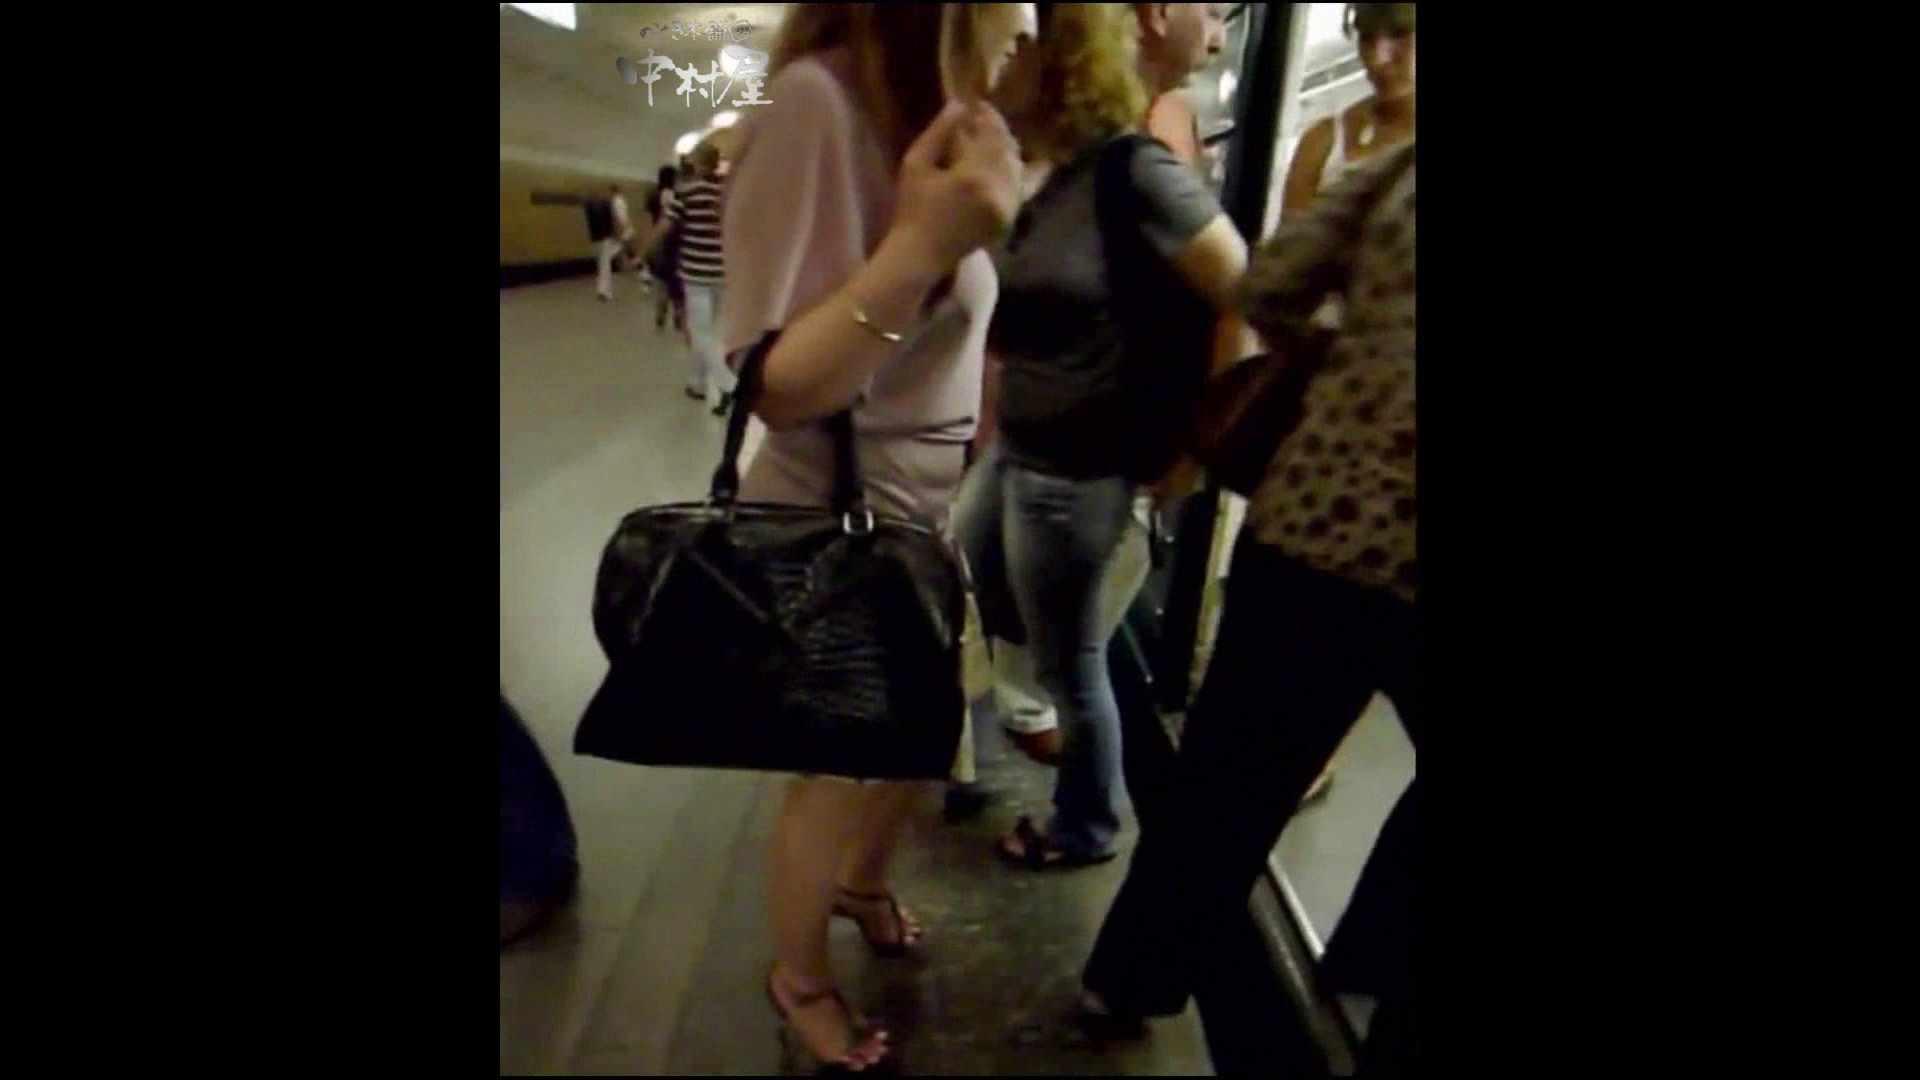 綺麗なモデルさんのスカート捲っちゃおう‼ vol28 お姉さんのエロ動画  111PIX 108